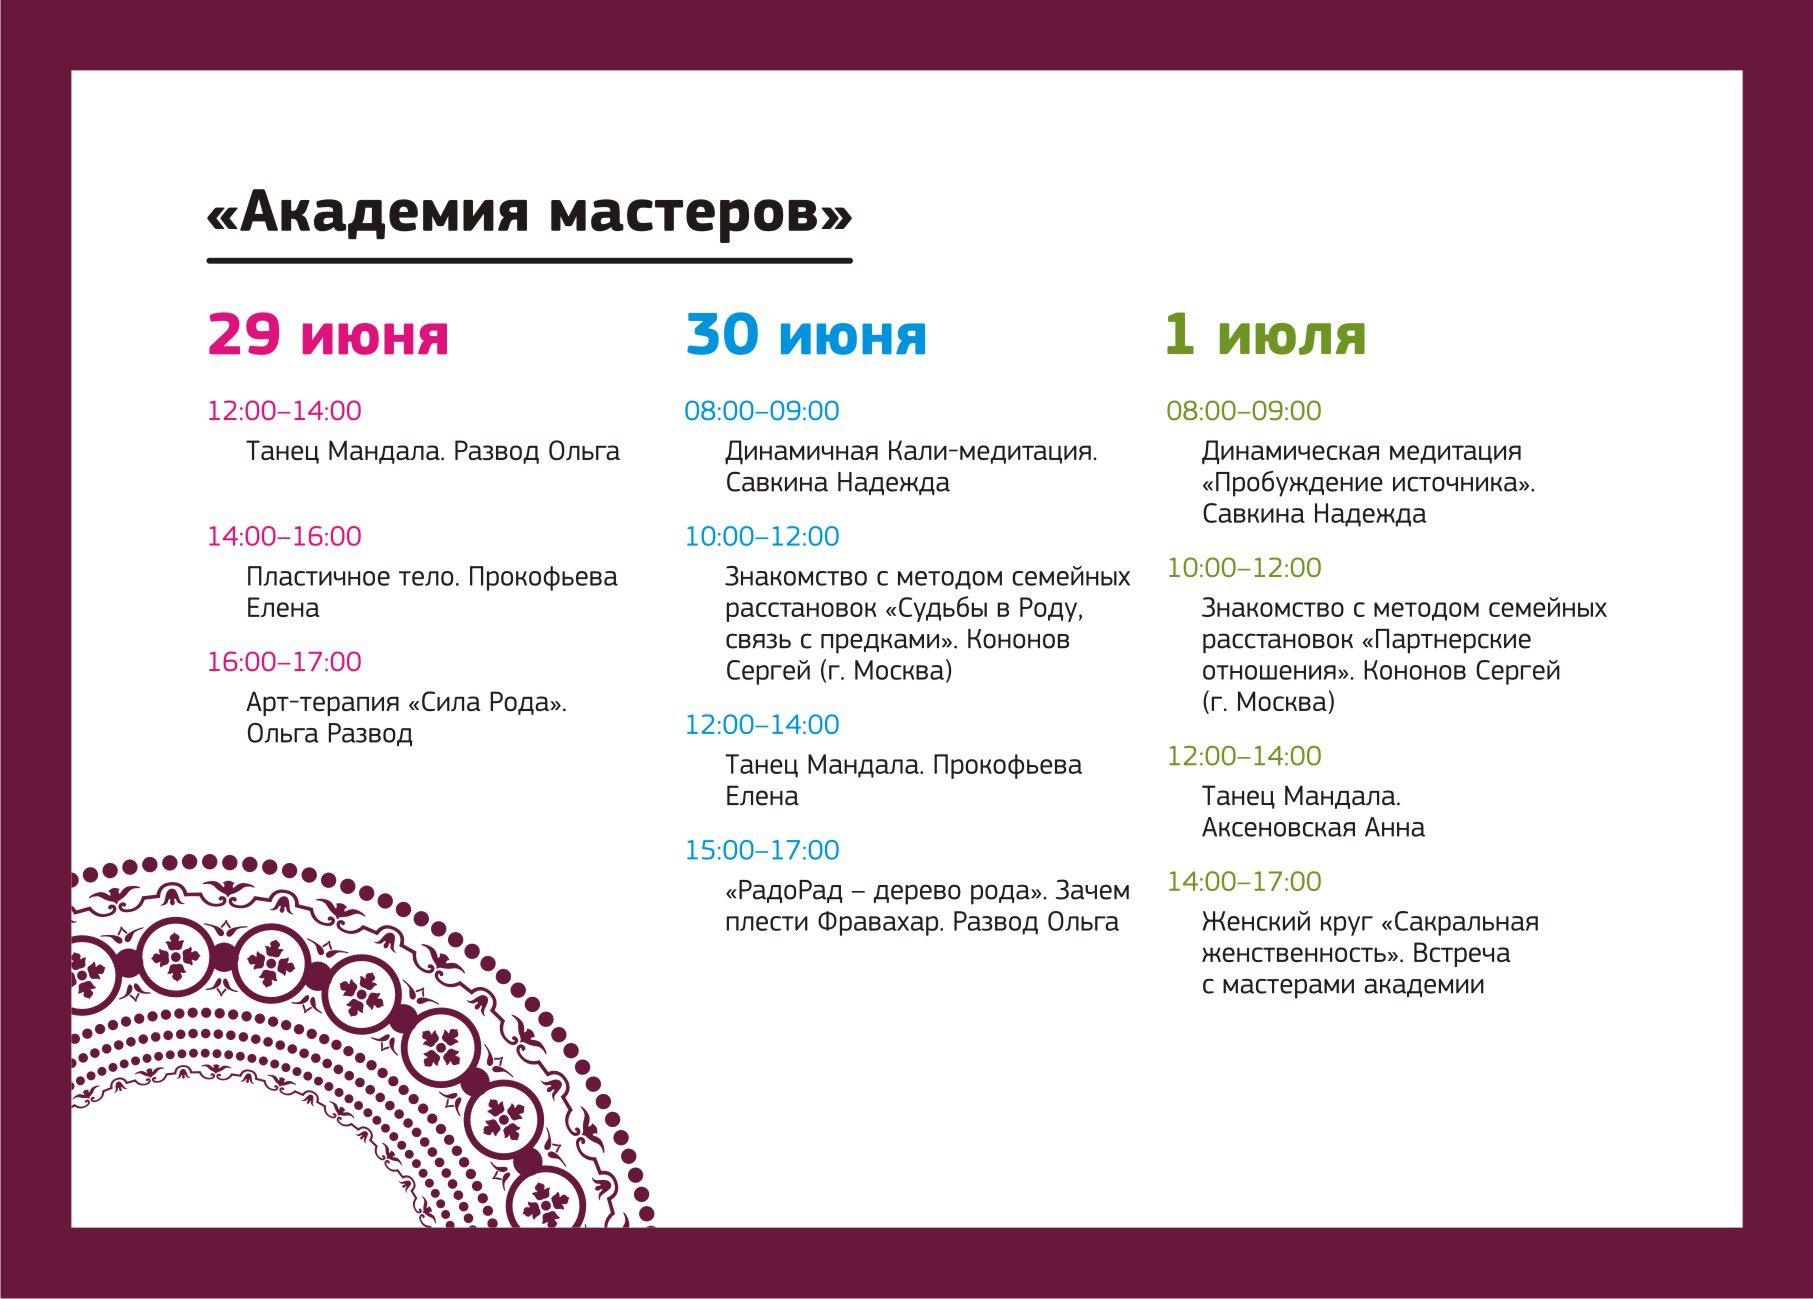 Академия мастеров расписание